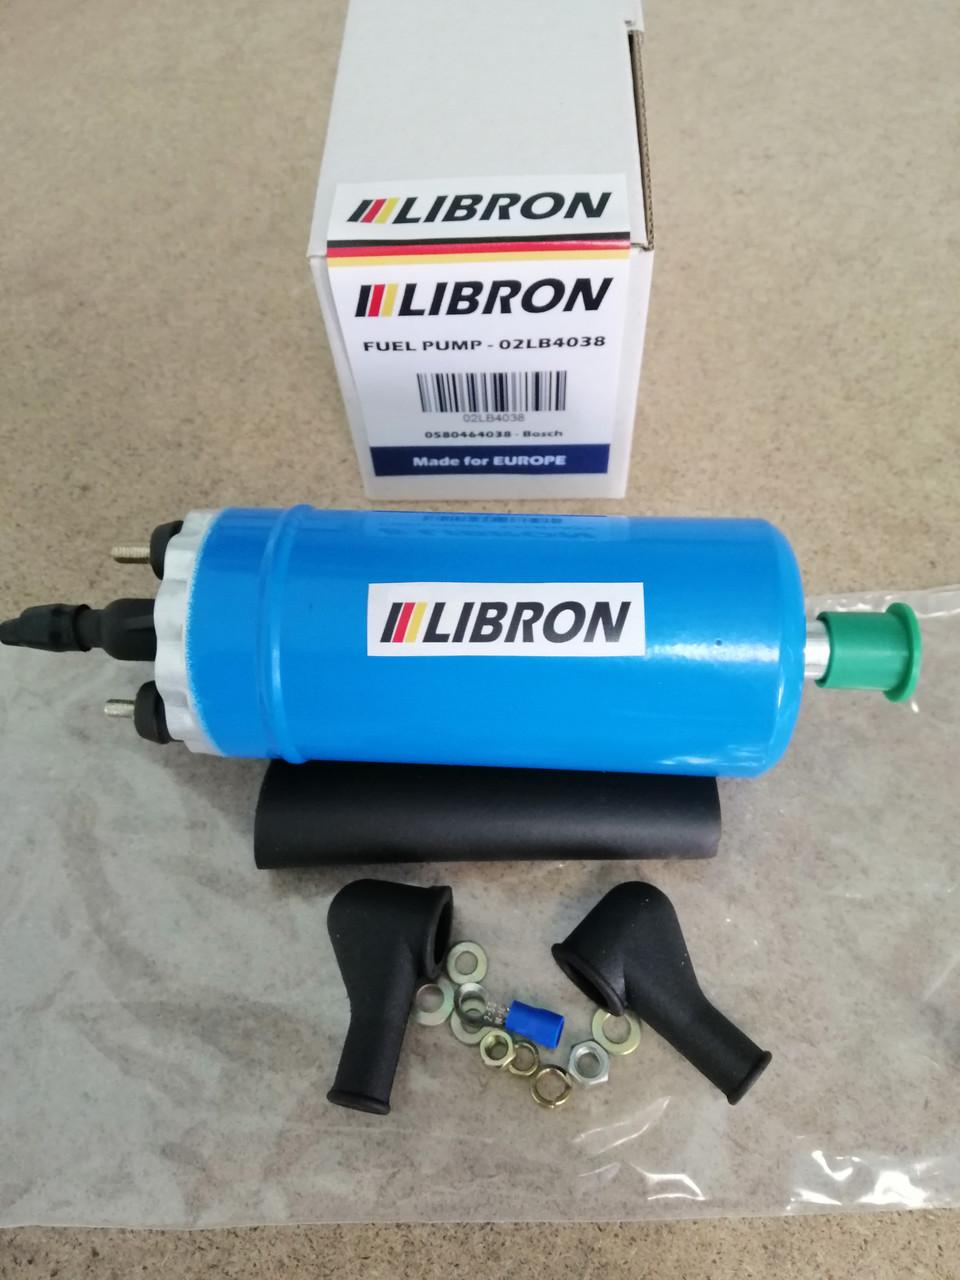 Топливный насос LIBRON 02LB4038 - OPEL KADETT E кабрио (43B_) 1.6 i (1986-1993)